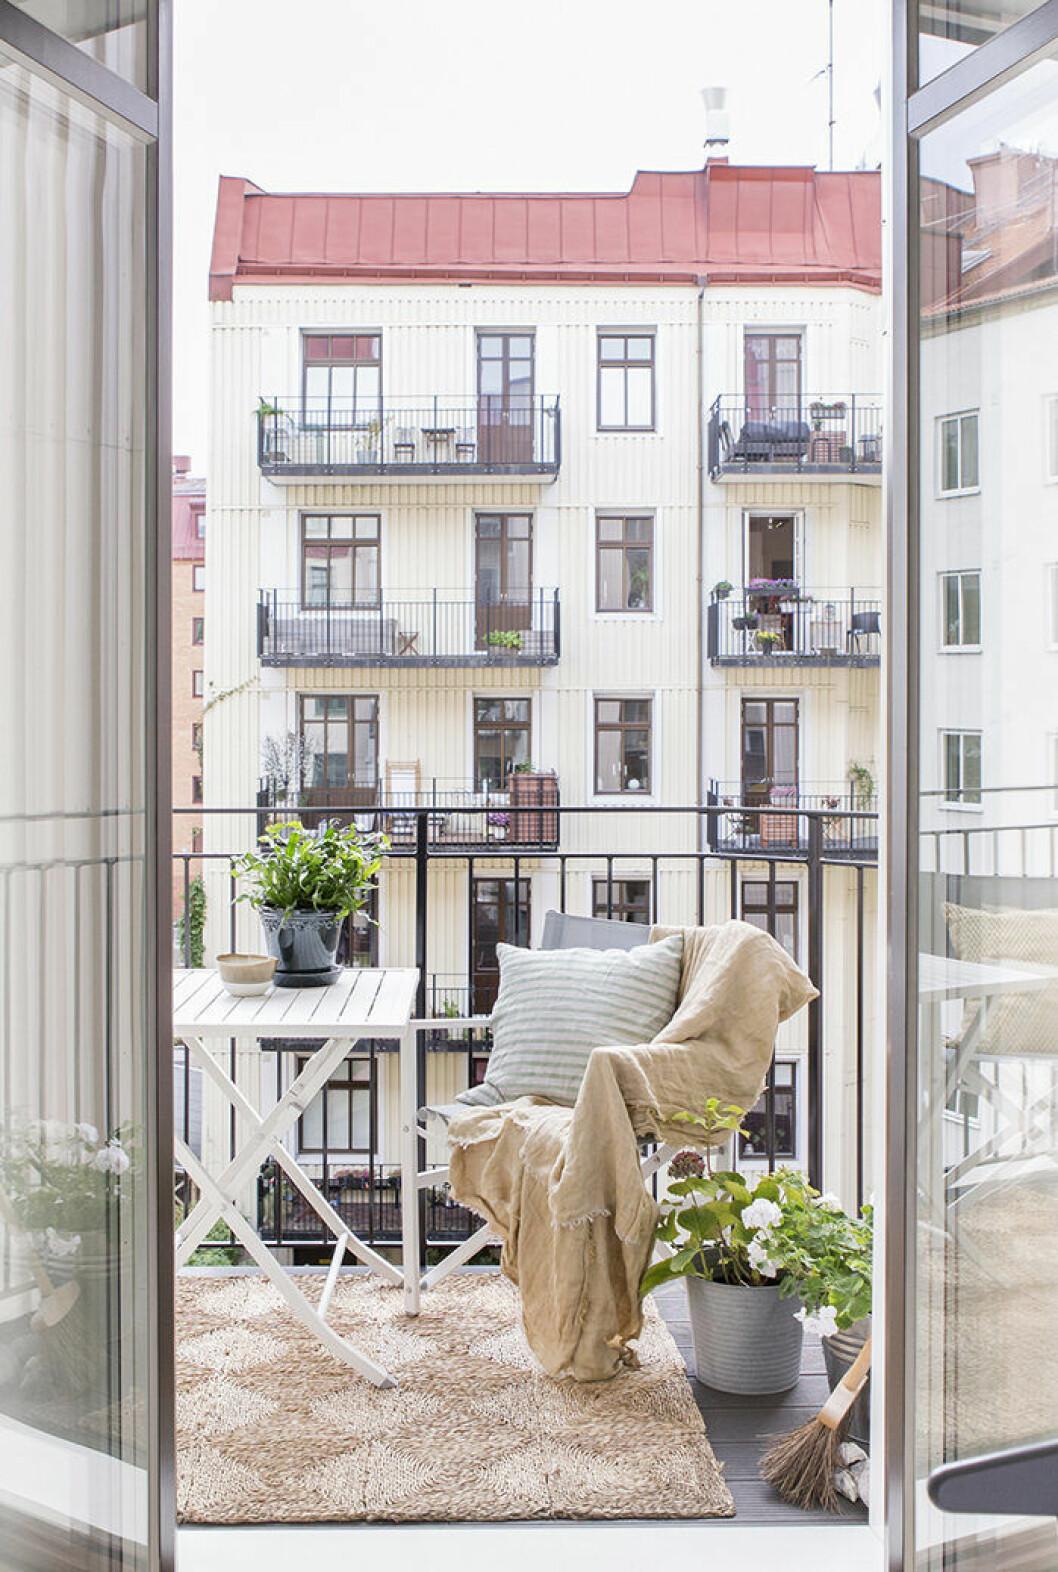 Skandinaviskt inredd balkong med naturnära färger och matta på balkongen